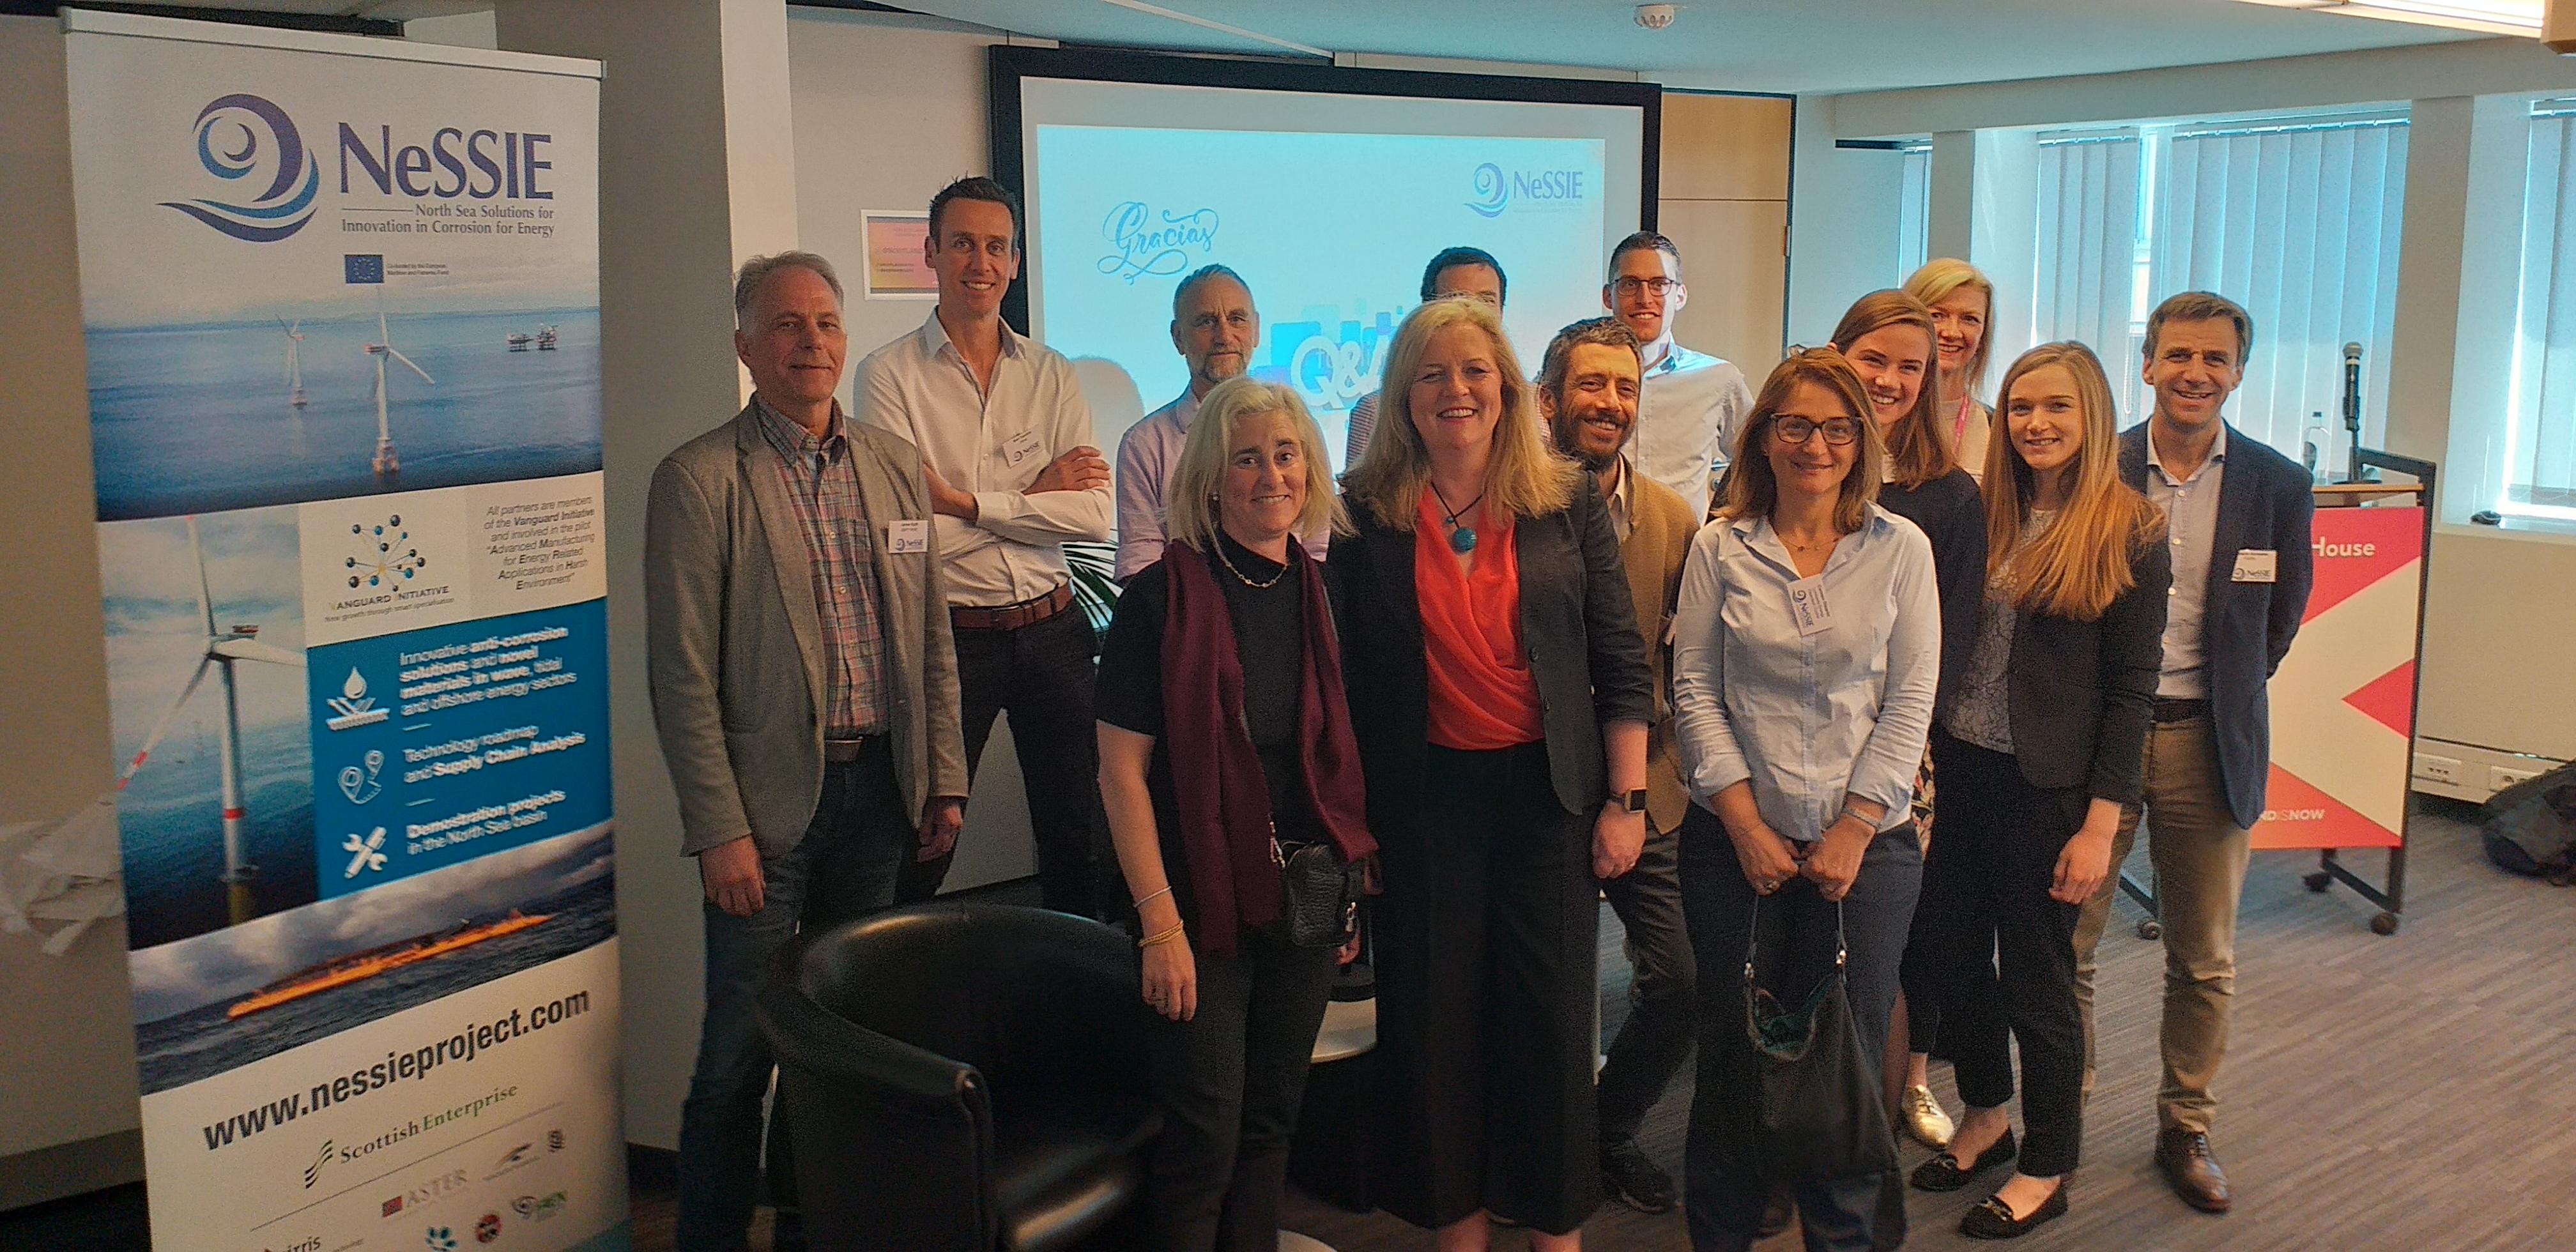 Reunión y conferencia final NeSSIE y reunión de ADMA Energy (Vanguard Initiative)